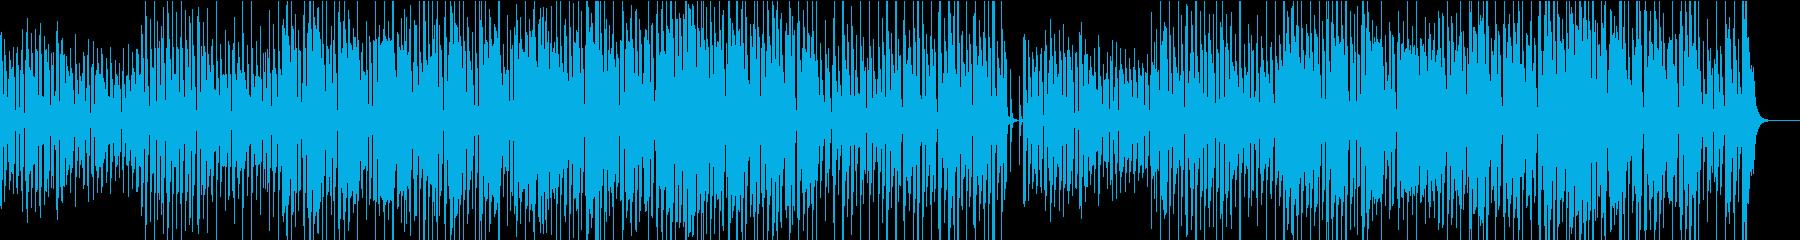 陽気で軽快なトランペットのBGMの再生済みの波形